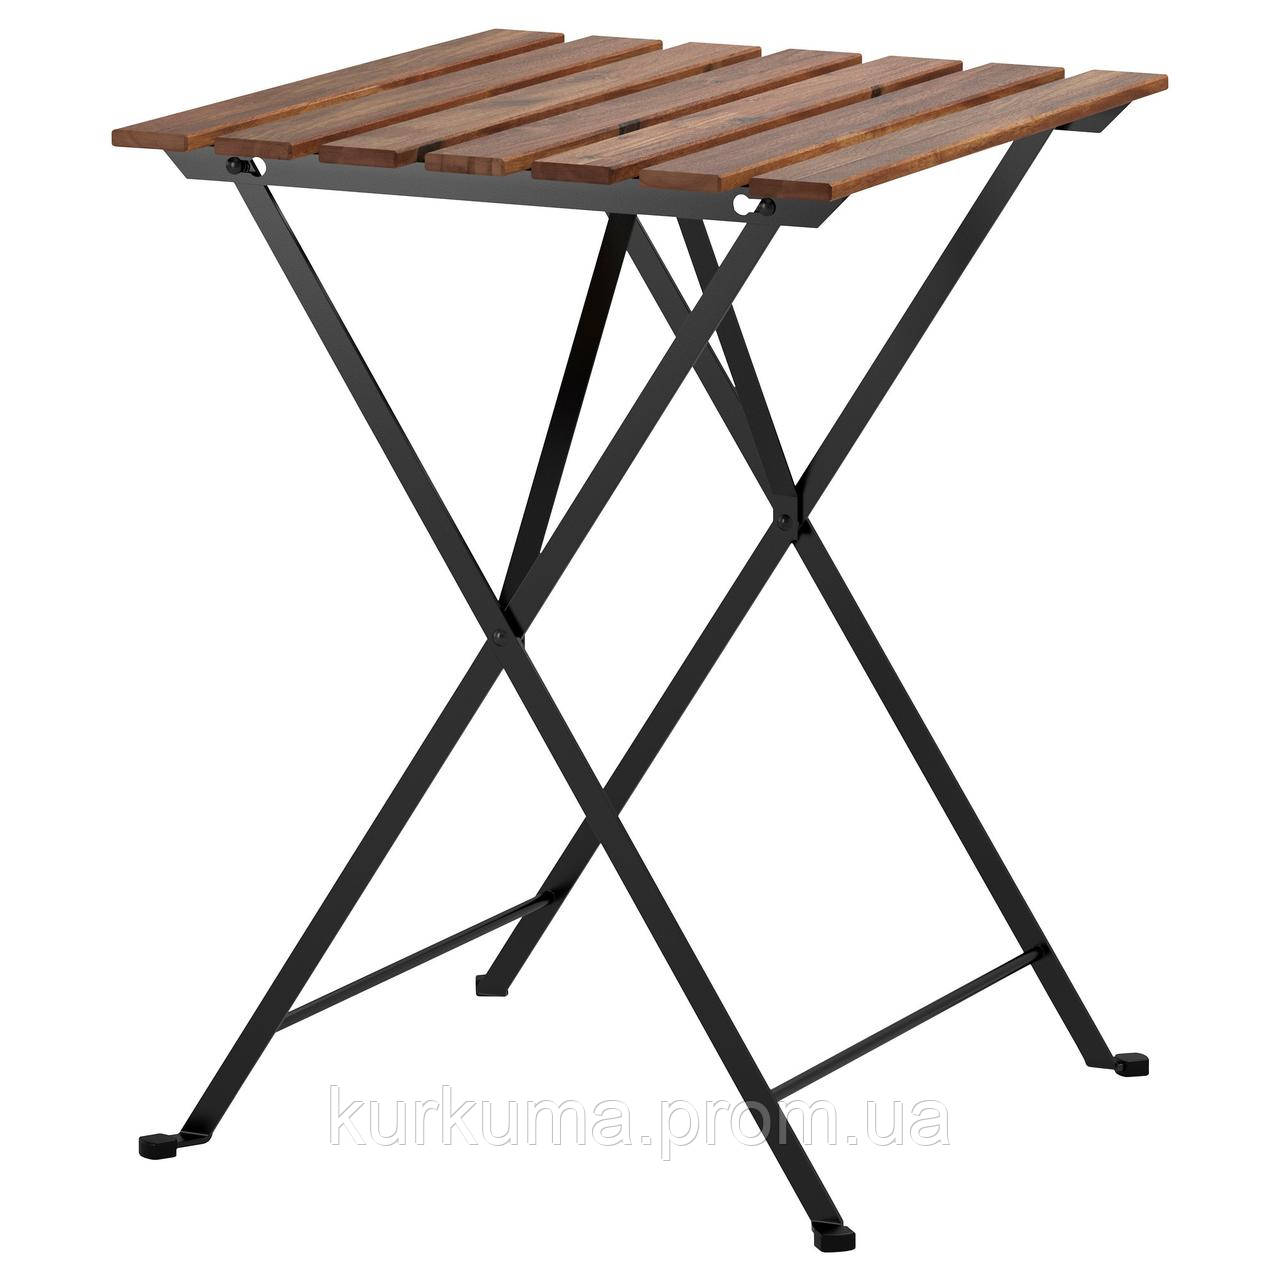 IKEA TARNO Садовый стол, черная Акация, сталь серо-коричневая морилка  (700.954.29)